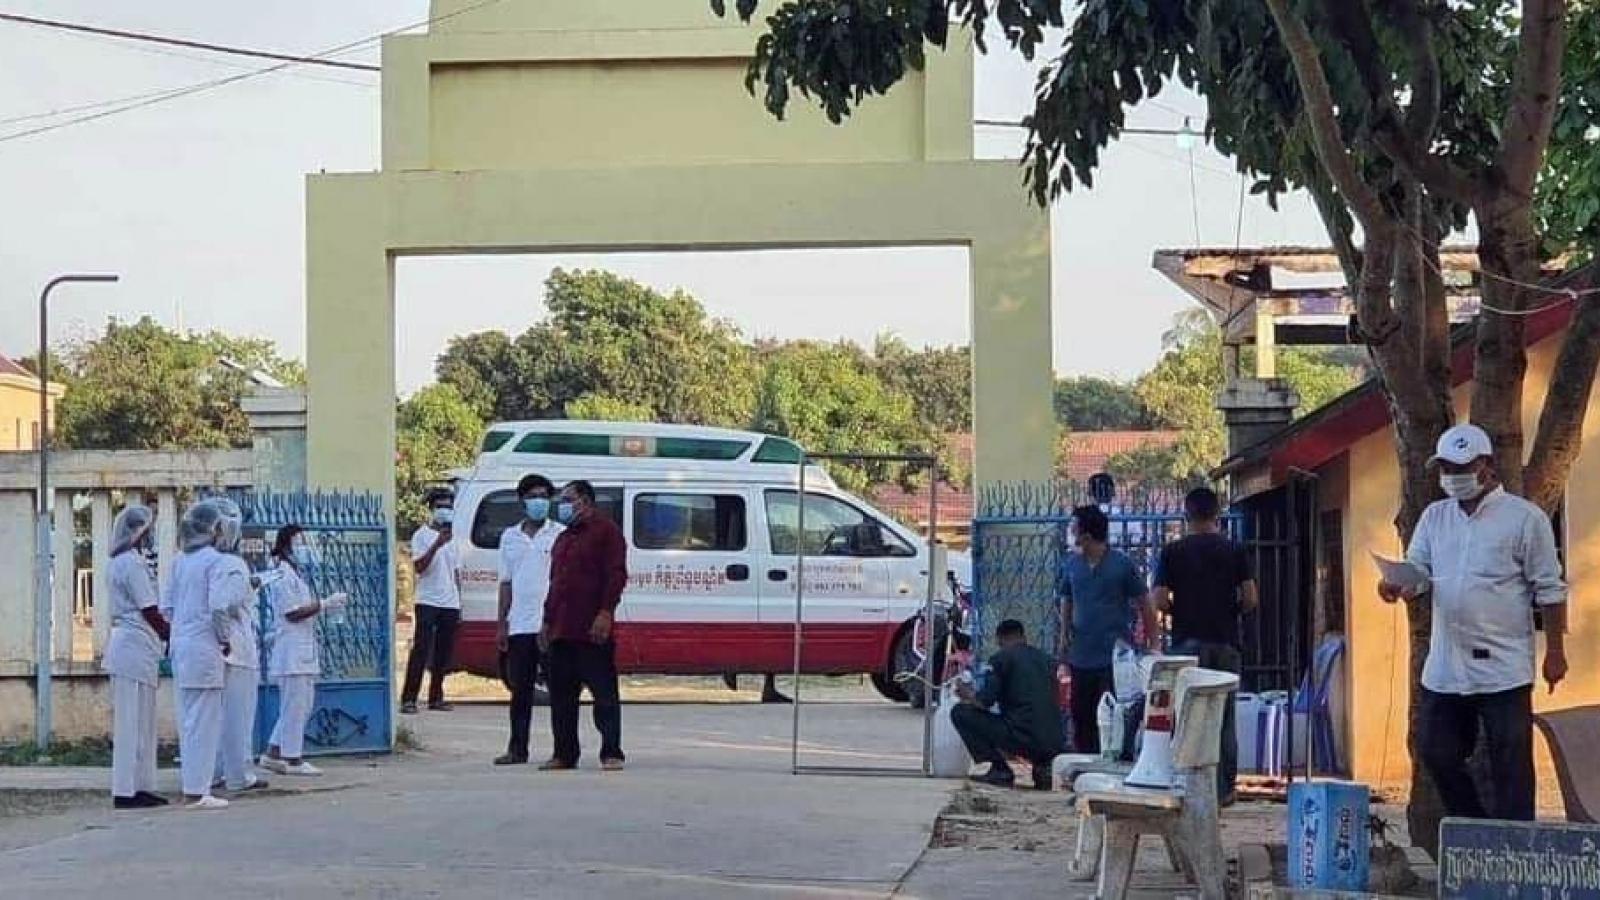 Campuchia 3 ngày liên tiếp phát hiện ca lây nhiễm Covid-19 trong cộng đồng